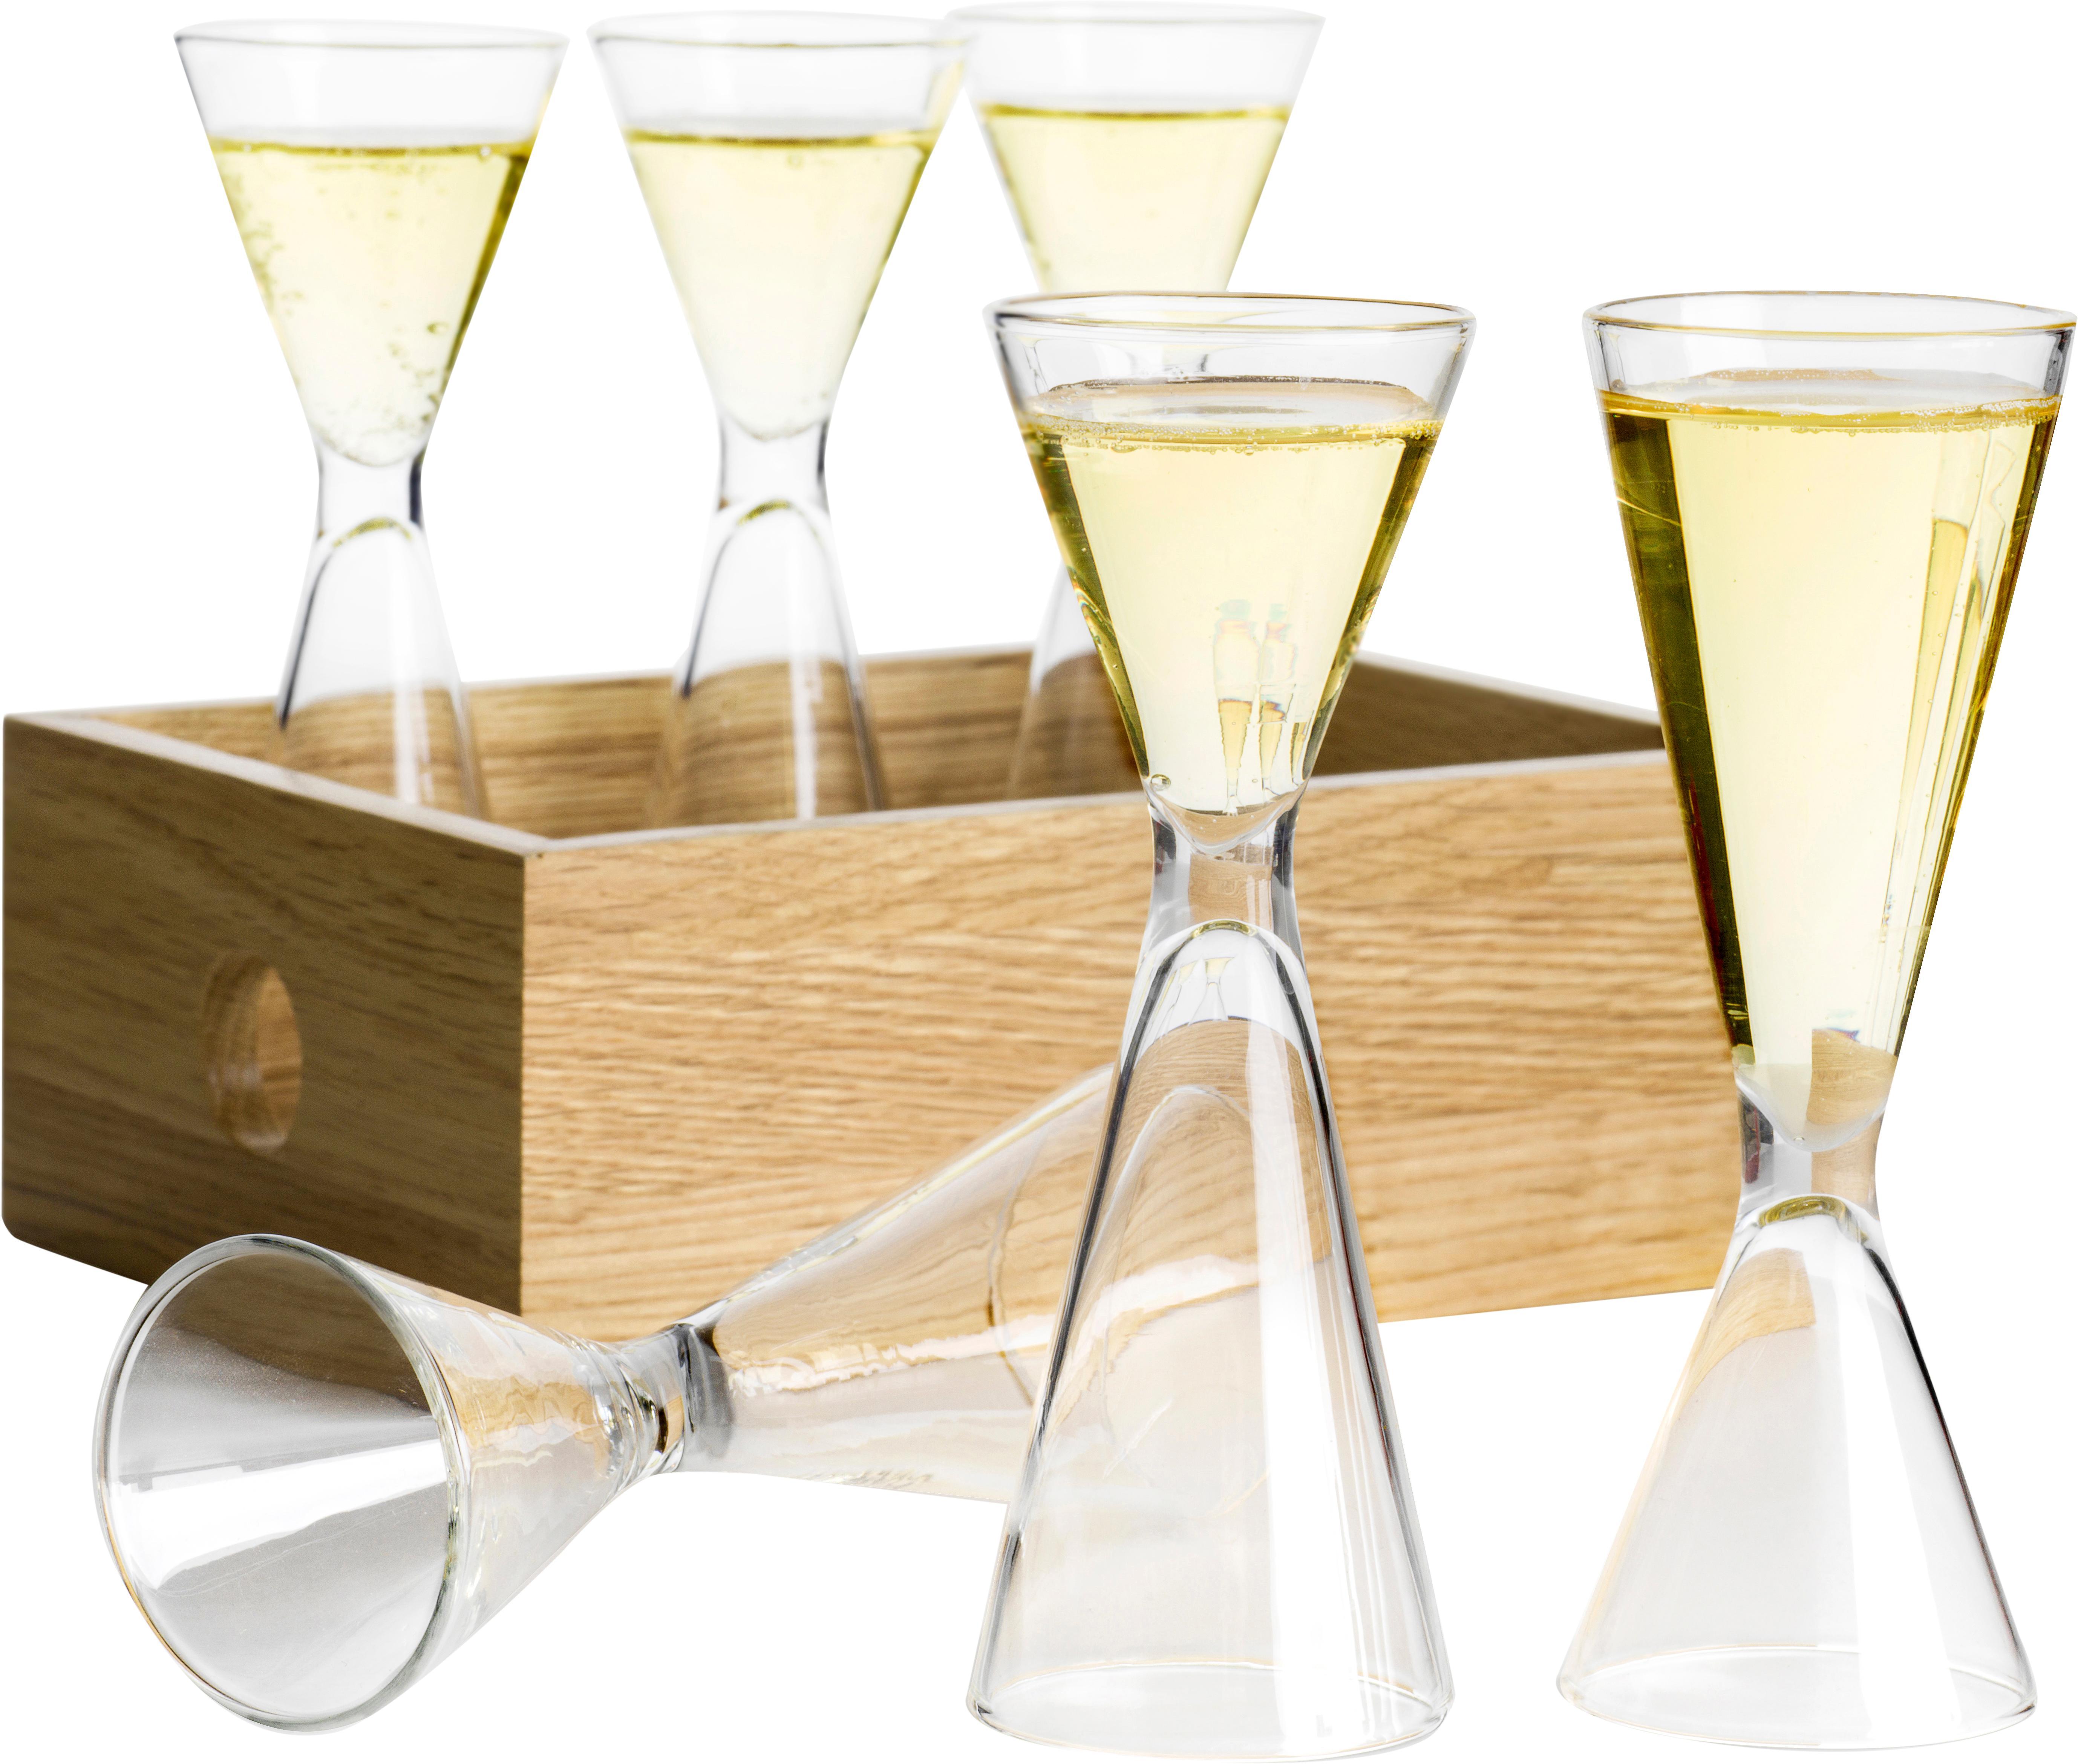 Mundgeblasenes Schnapsgläser-Set Semon, 7-tlg., Mundgeblasenes Glas, Eichenholz, Transparent, Eichenholz, Ø 4 x H 12 cm